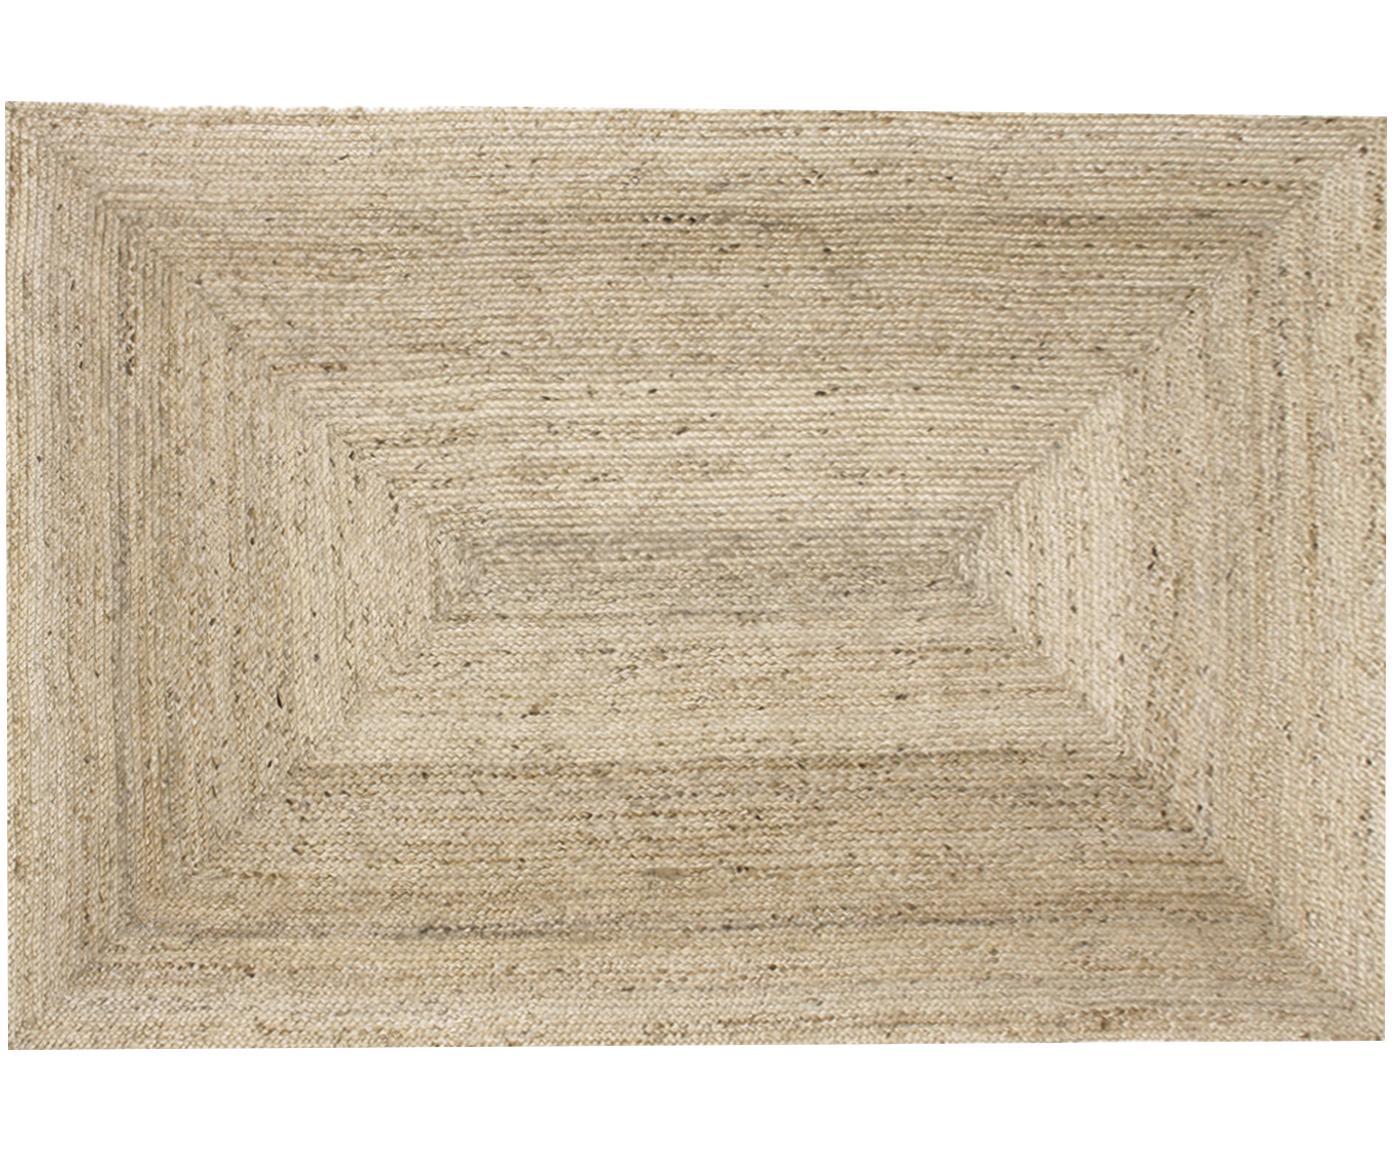 Teppich Sharmila, 160 x 230 cm